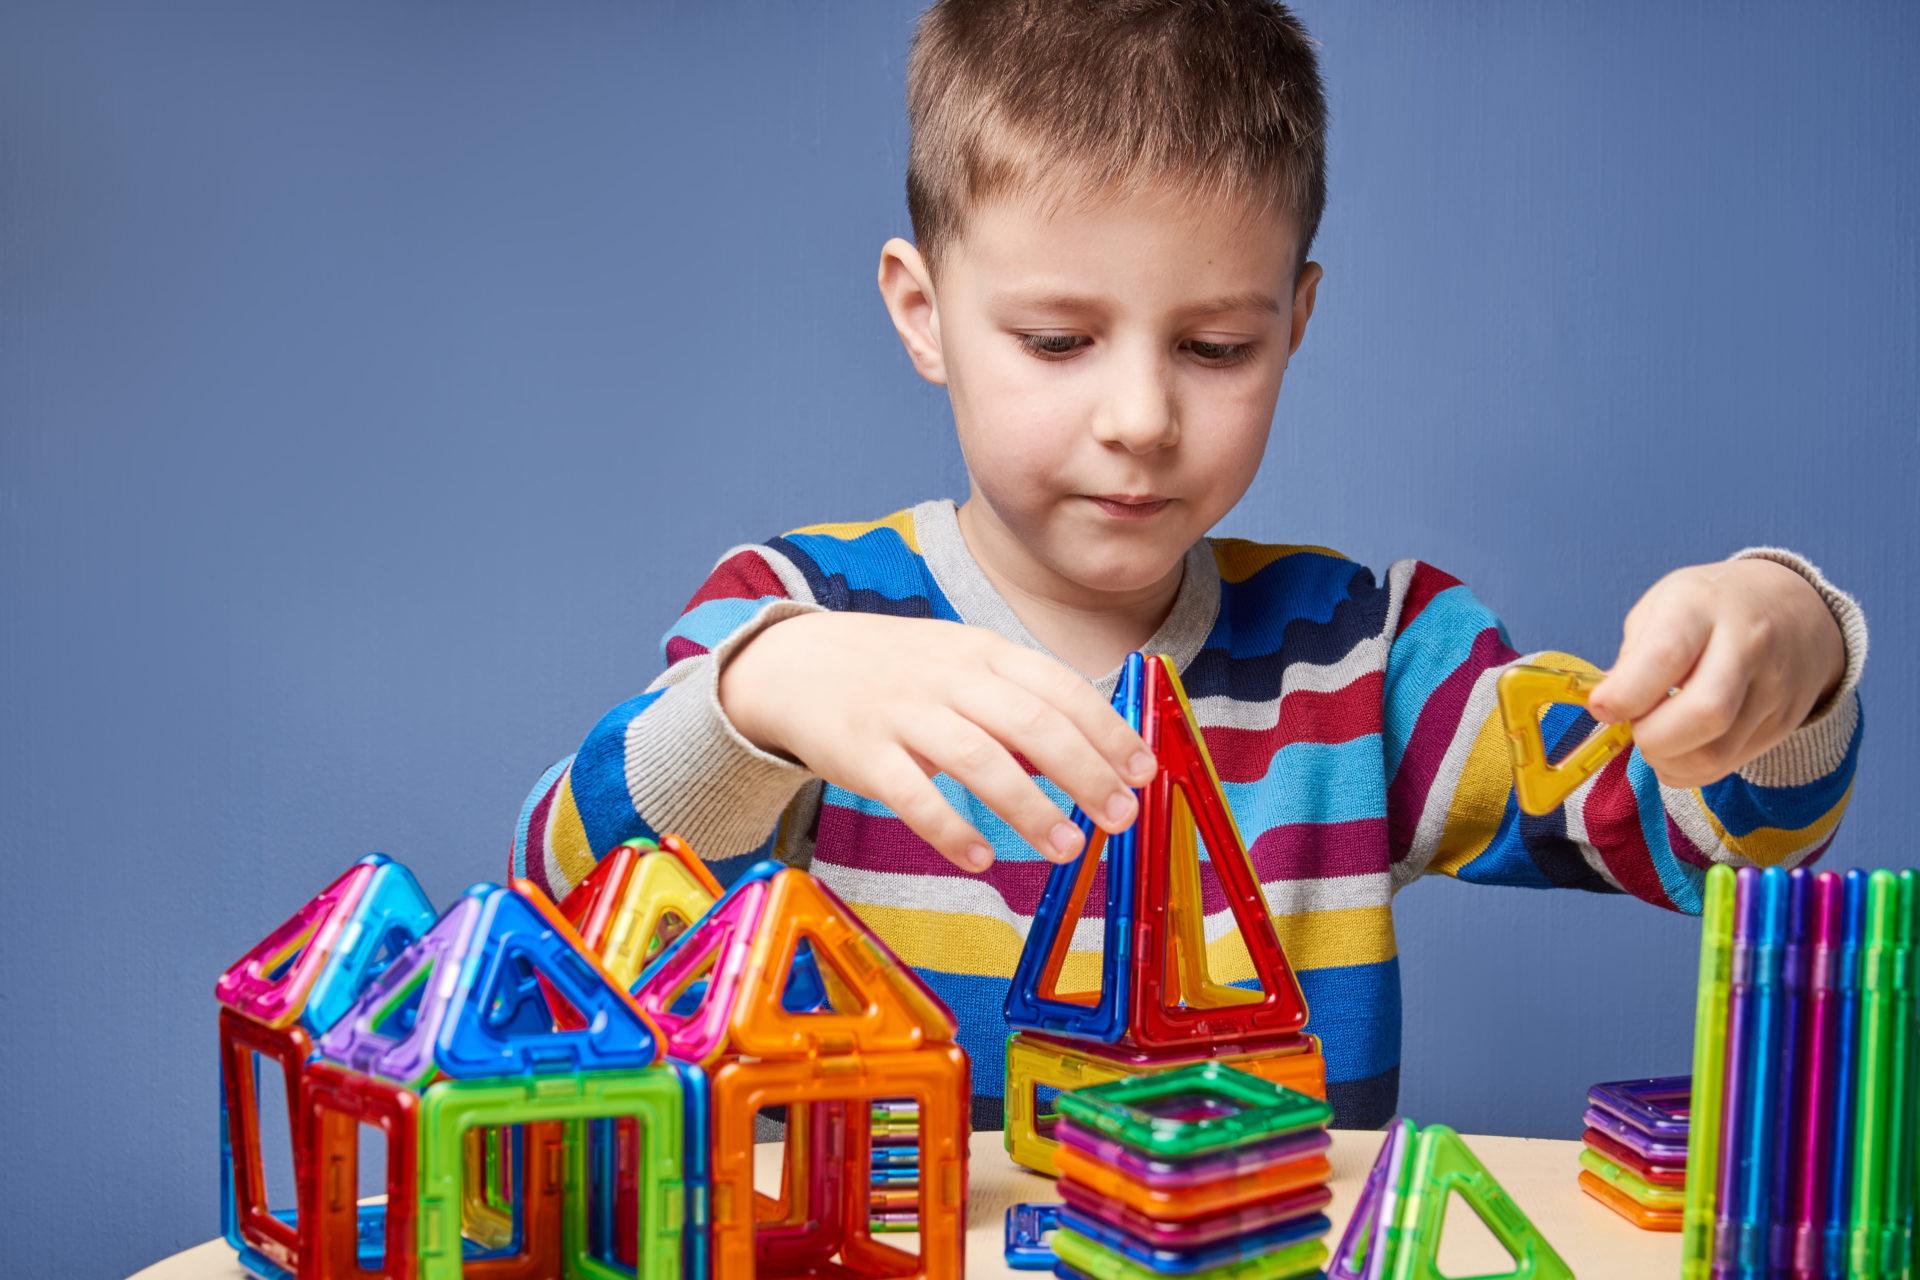 Idées Cadeau Anniversaire Garçon De 6 Ans, 7 Ans, 8 Ans, 9 encequiconcerne Jeux Educatif Enfant 6 Ans